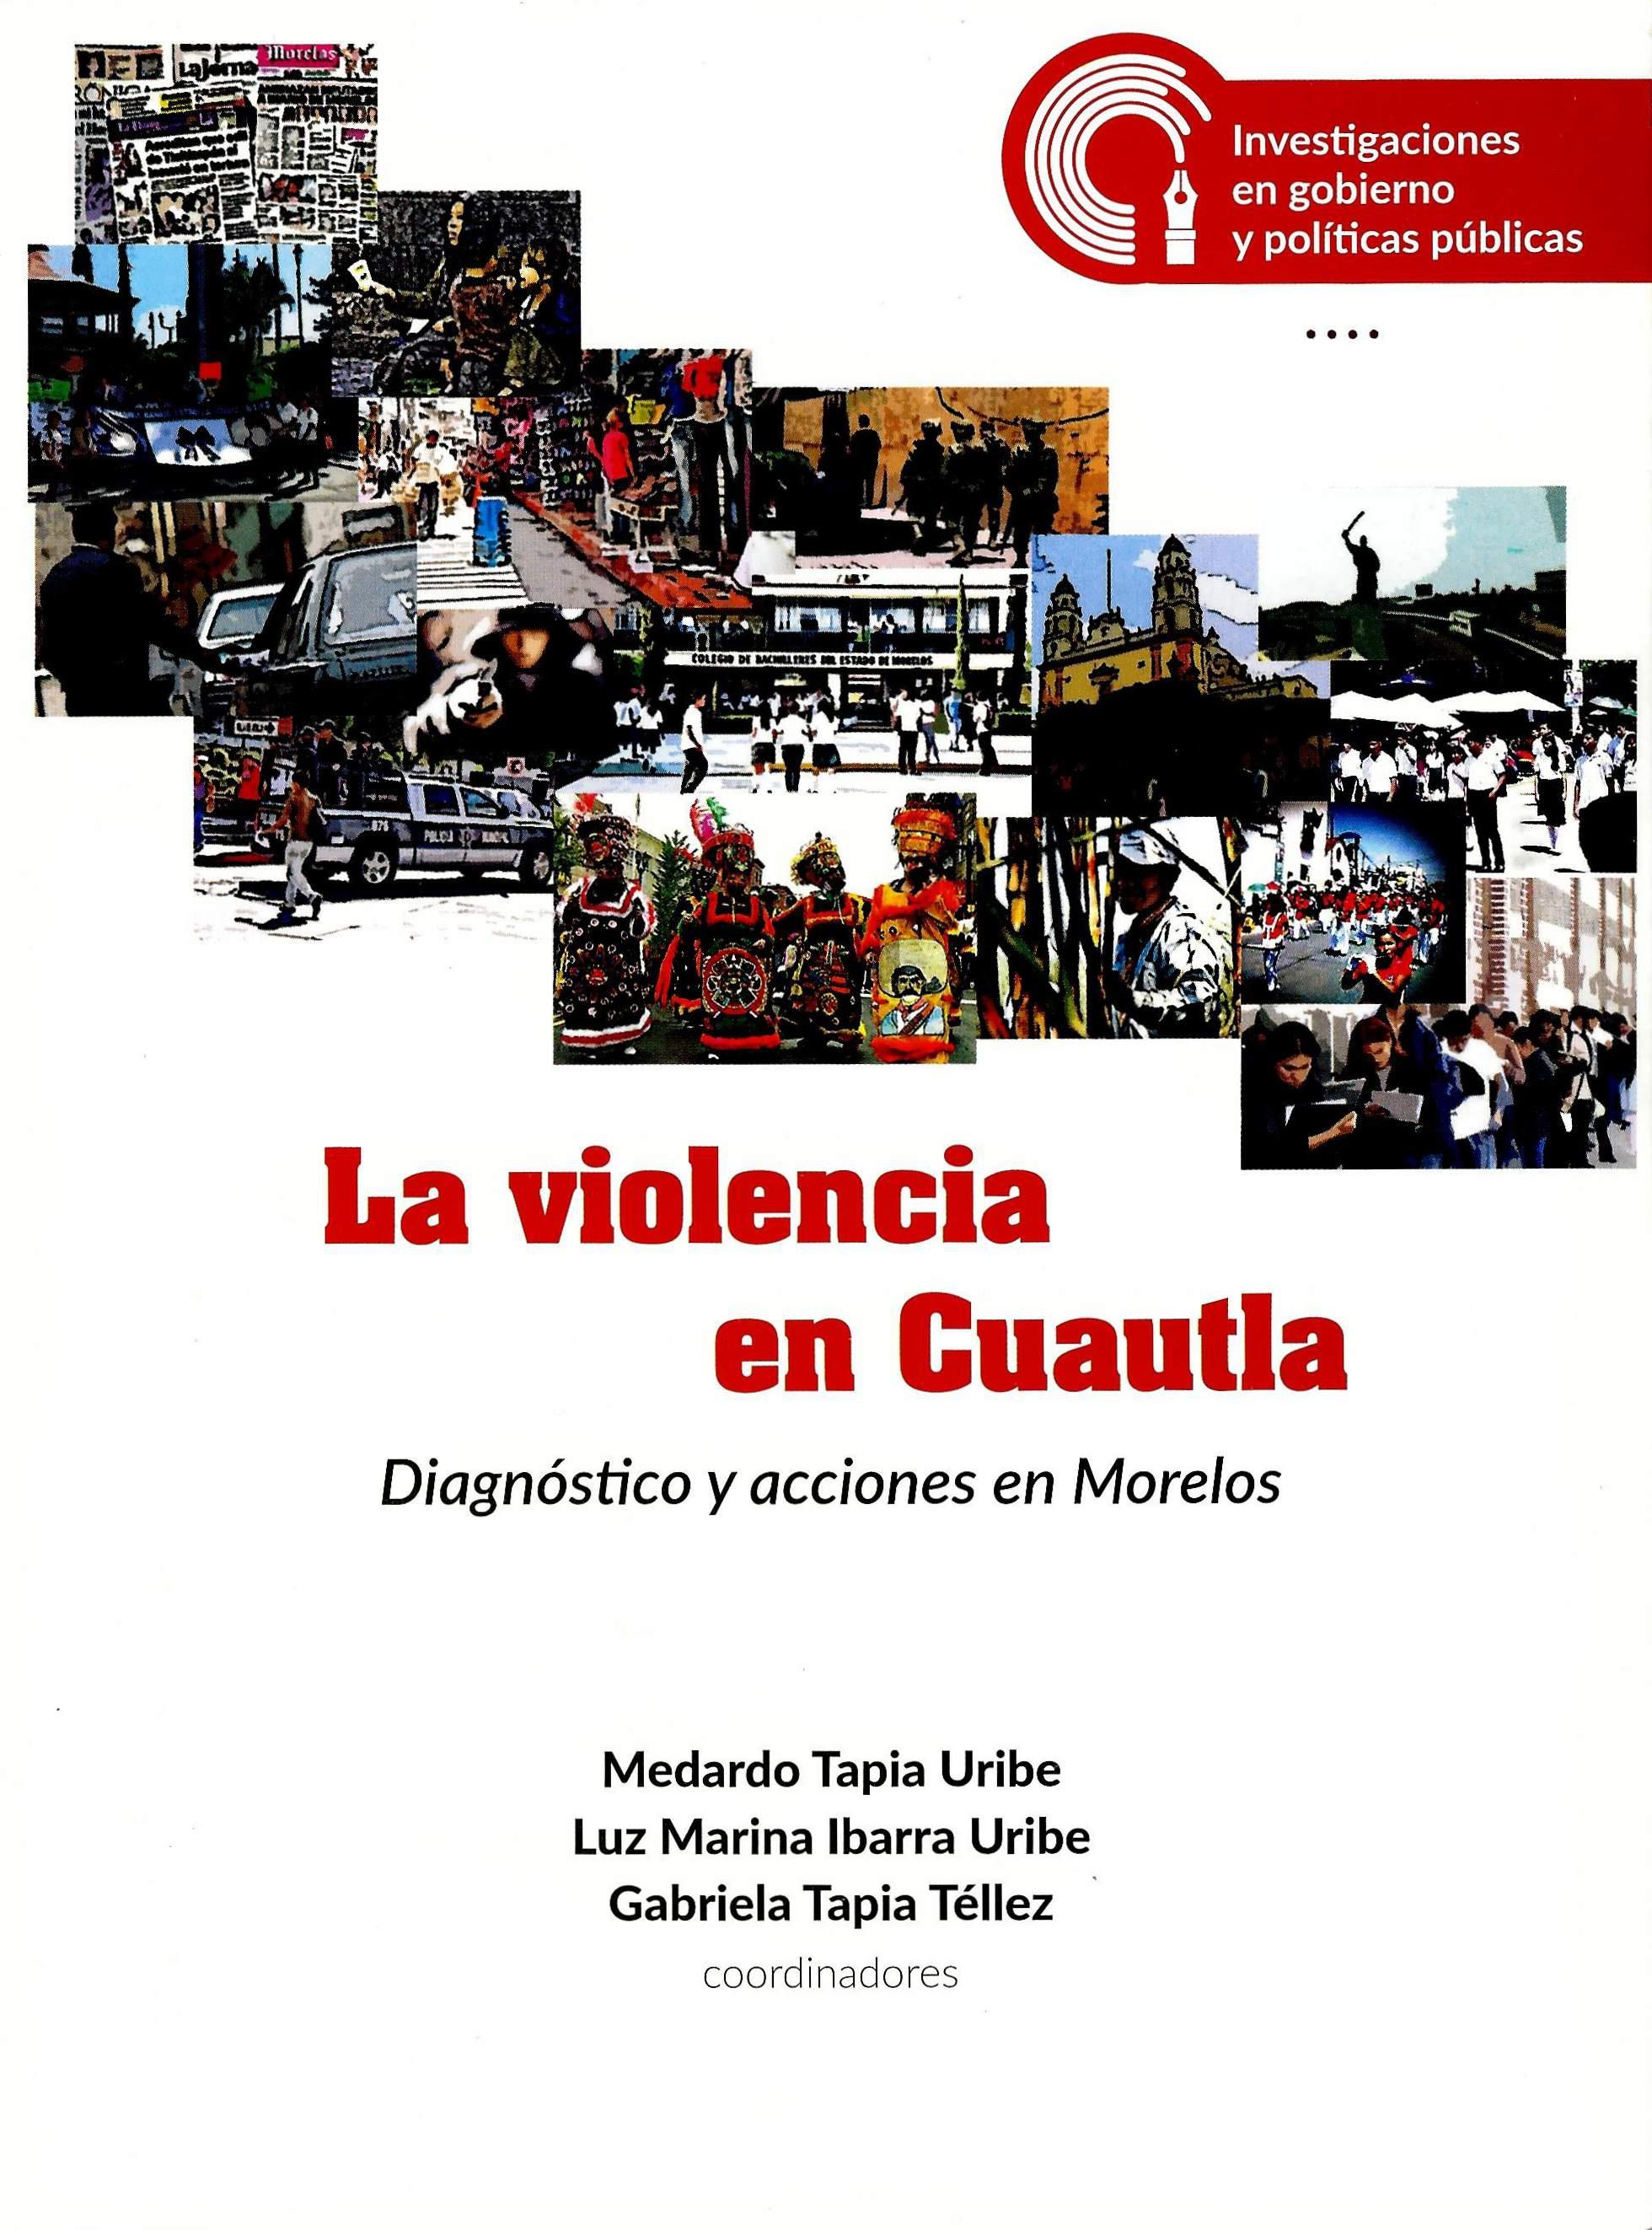 La violencia en Cuautla. Diagnóstico y acciones en Morelos